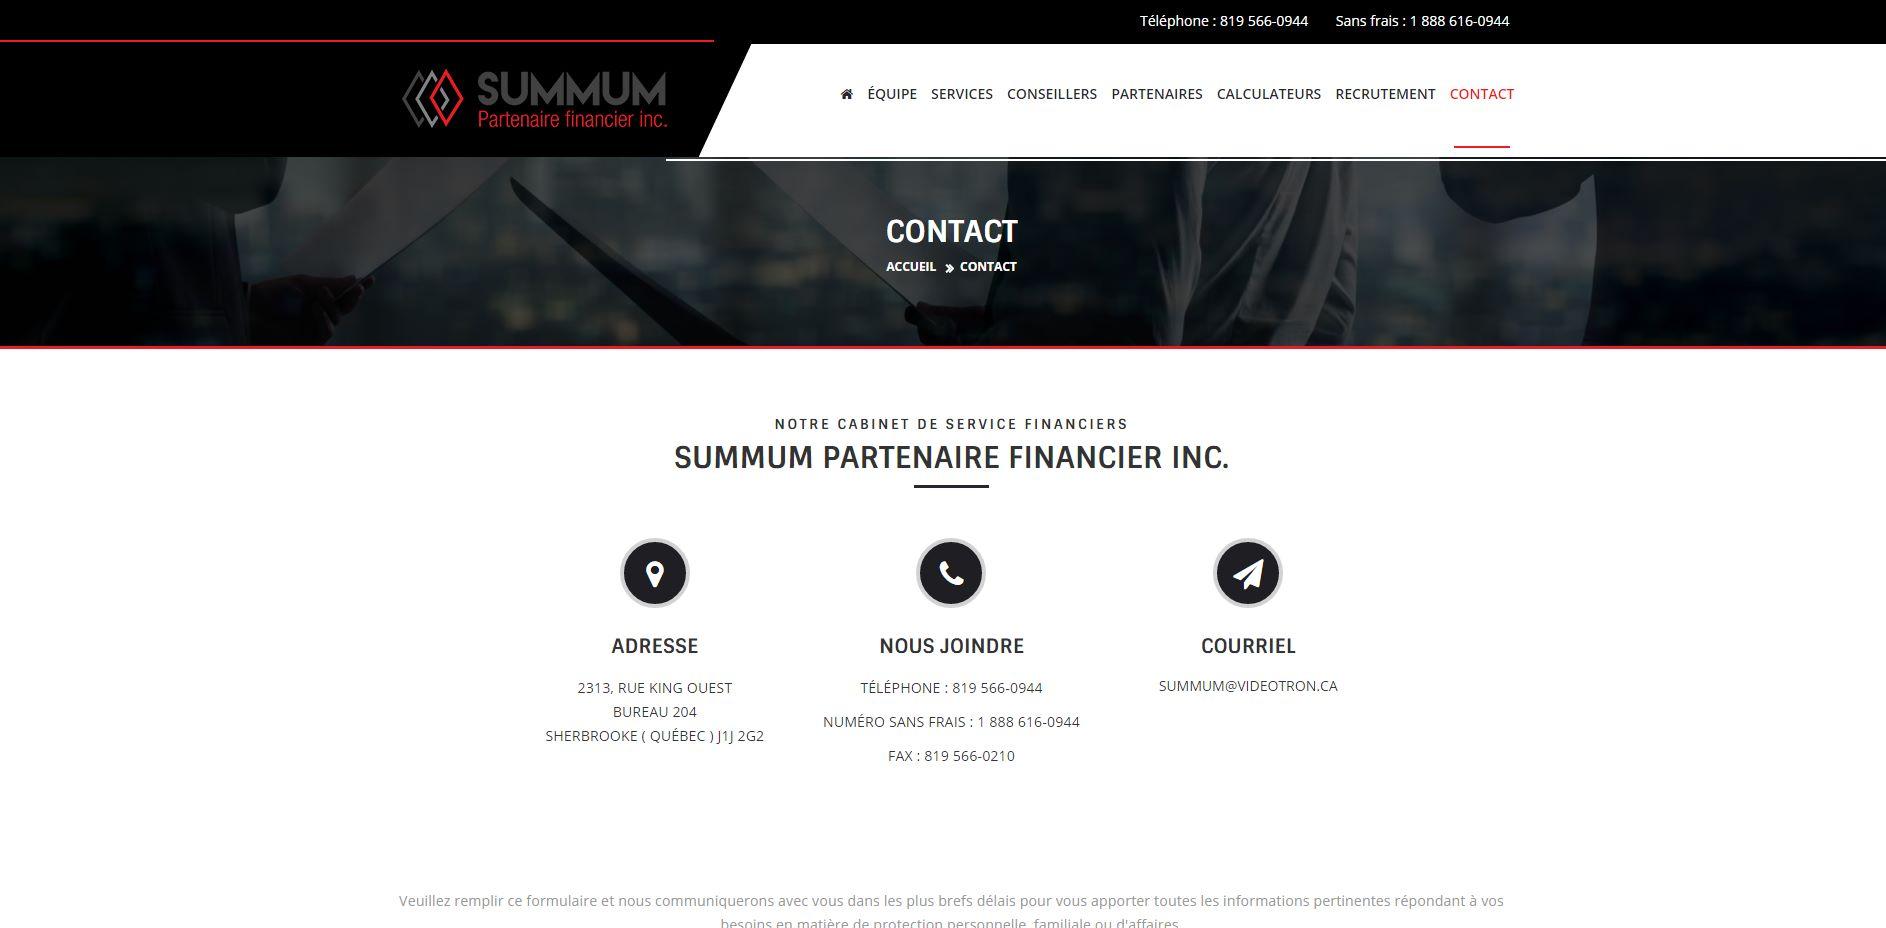 conception-web-summum-finances-12